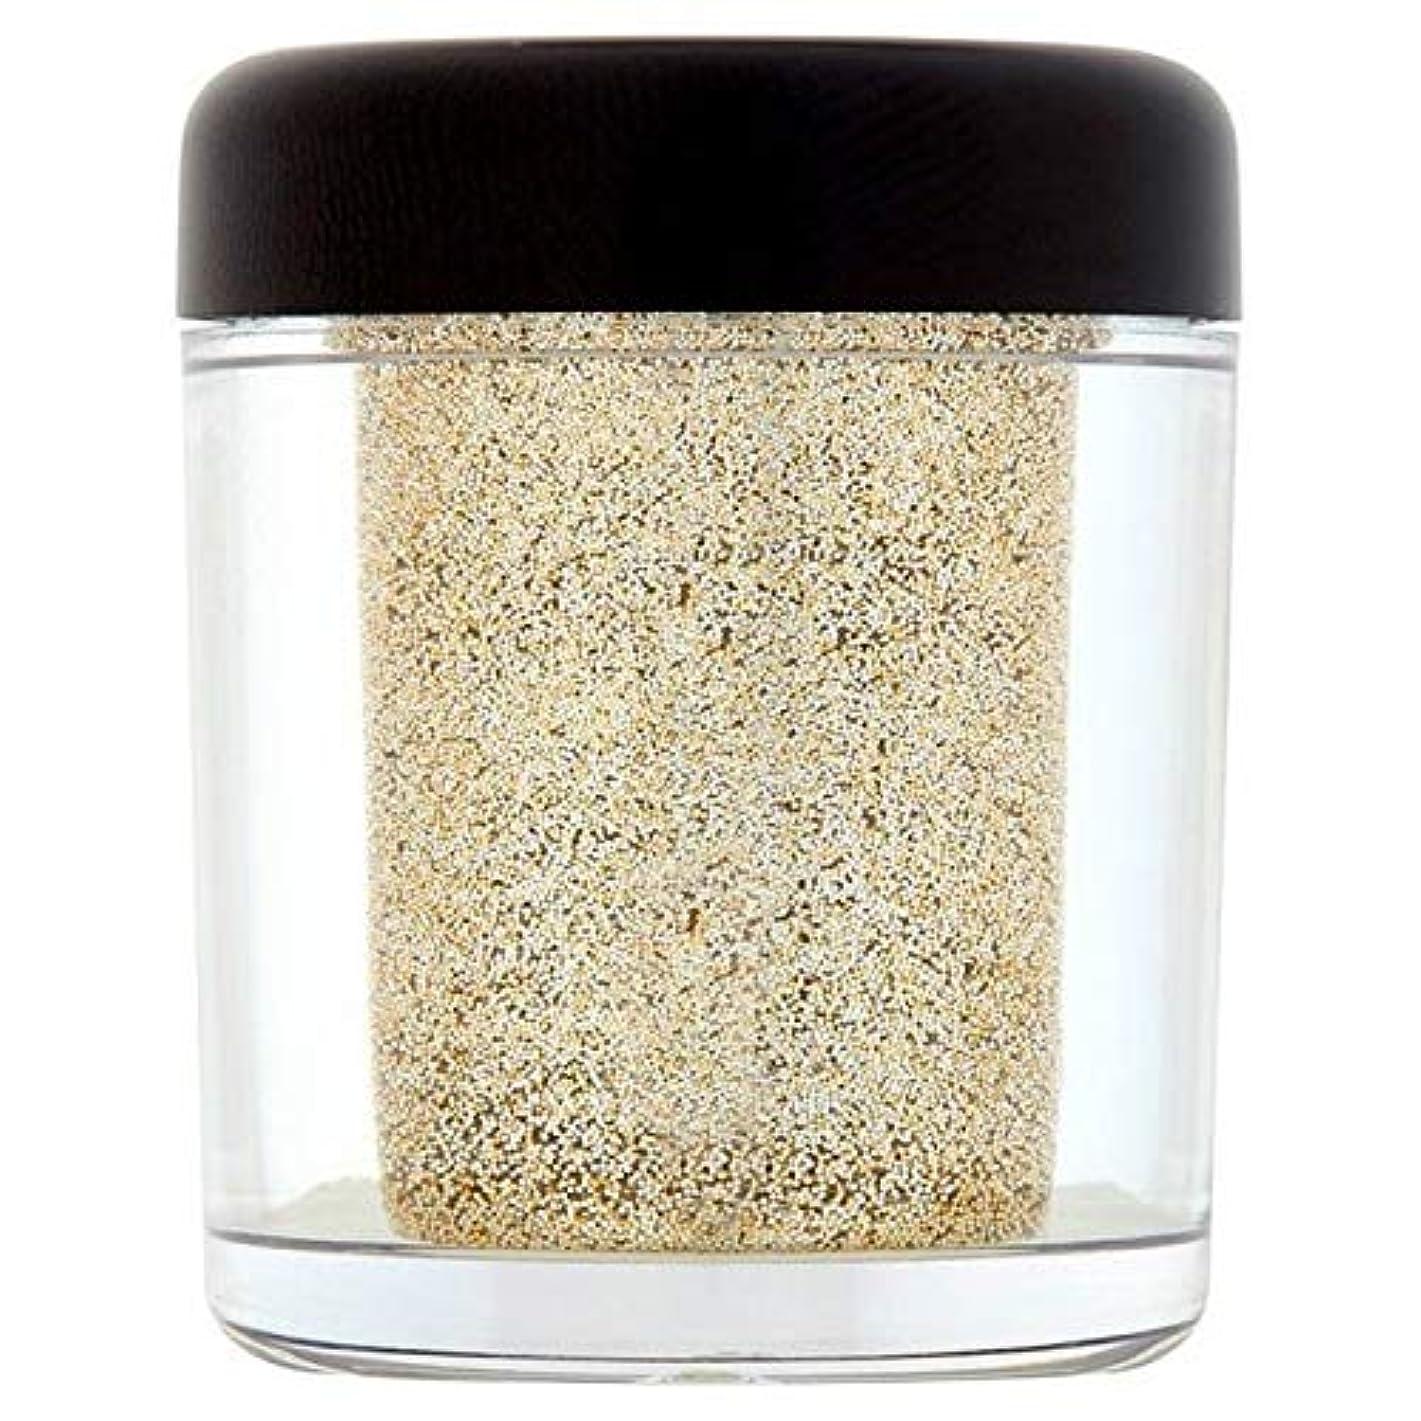 展開する修道院透明に[Collection ] 収集グラムの結晶は、フェイス&ボディグリッター金目当ての女3 - Collection Glam Crystals Face & Body Glitter Gold Digger 3 [並行輸入品]